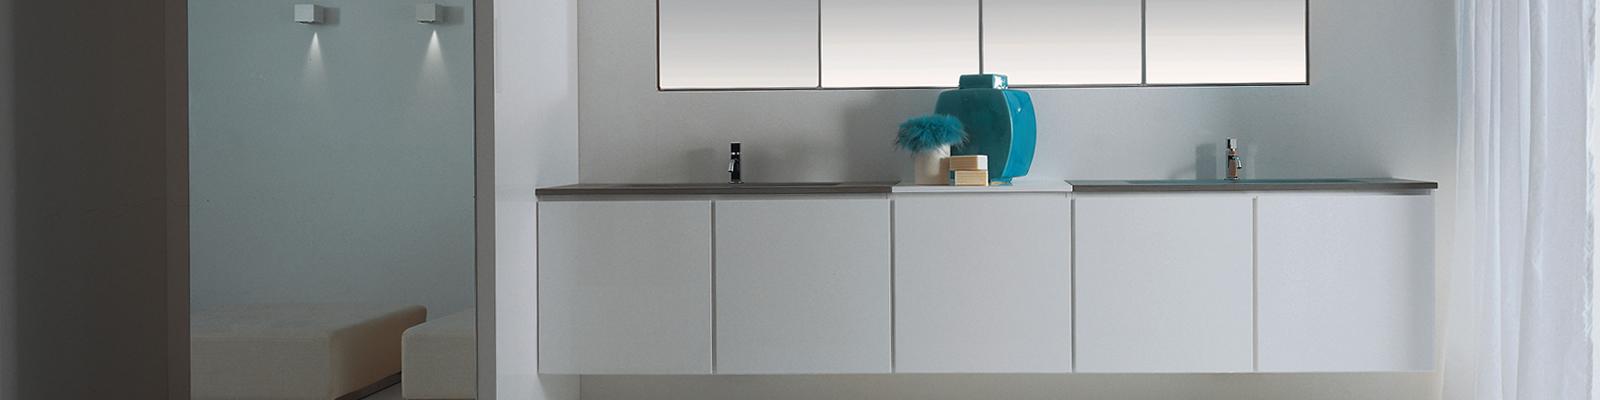 Muebles De Baño Karol:Muebles De Banos: Muebles de baño baratos sin renunciar a la